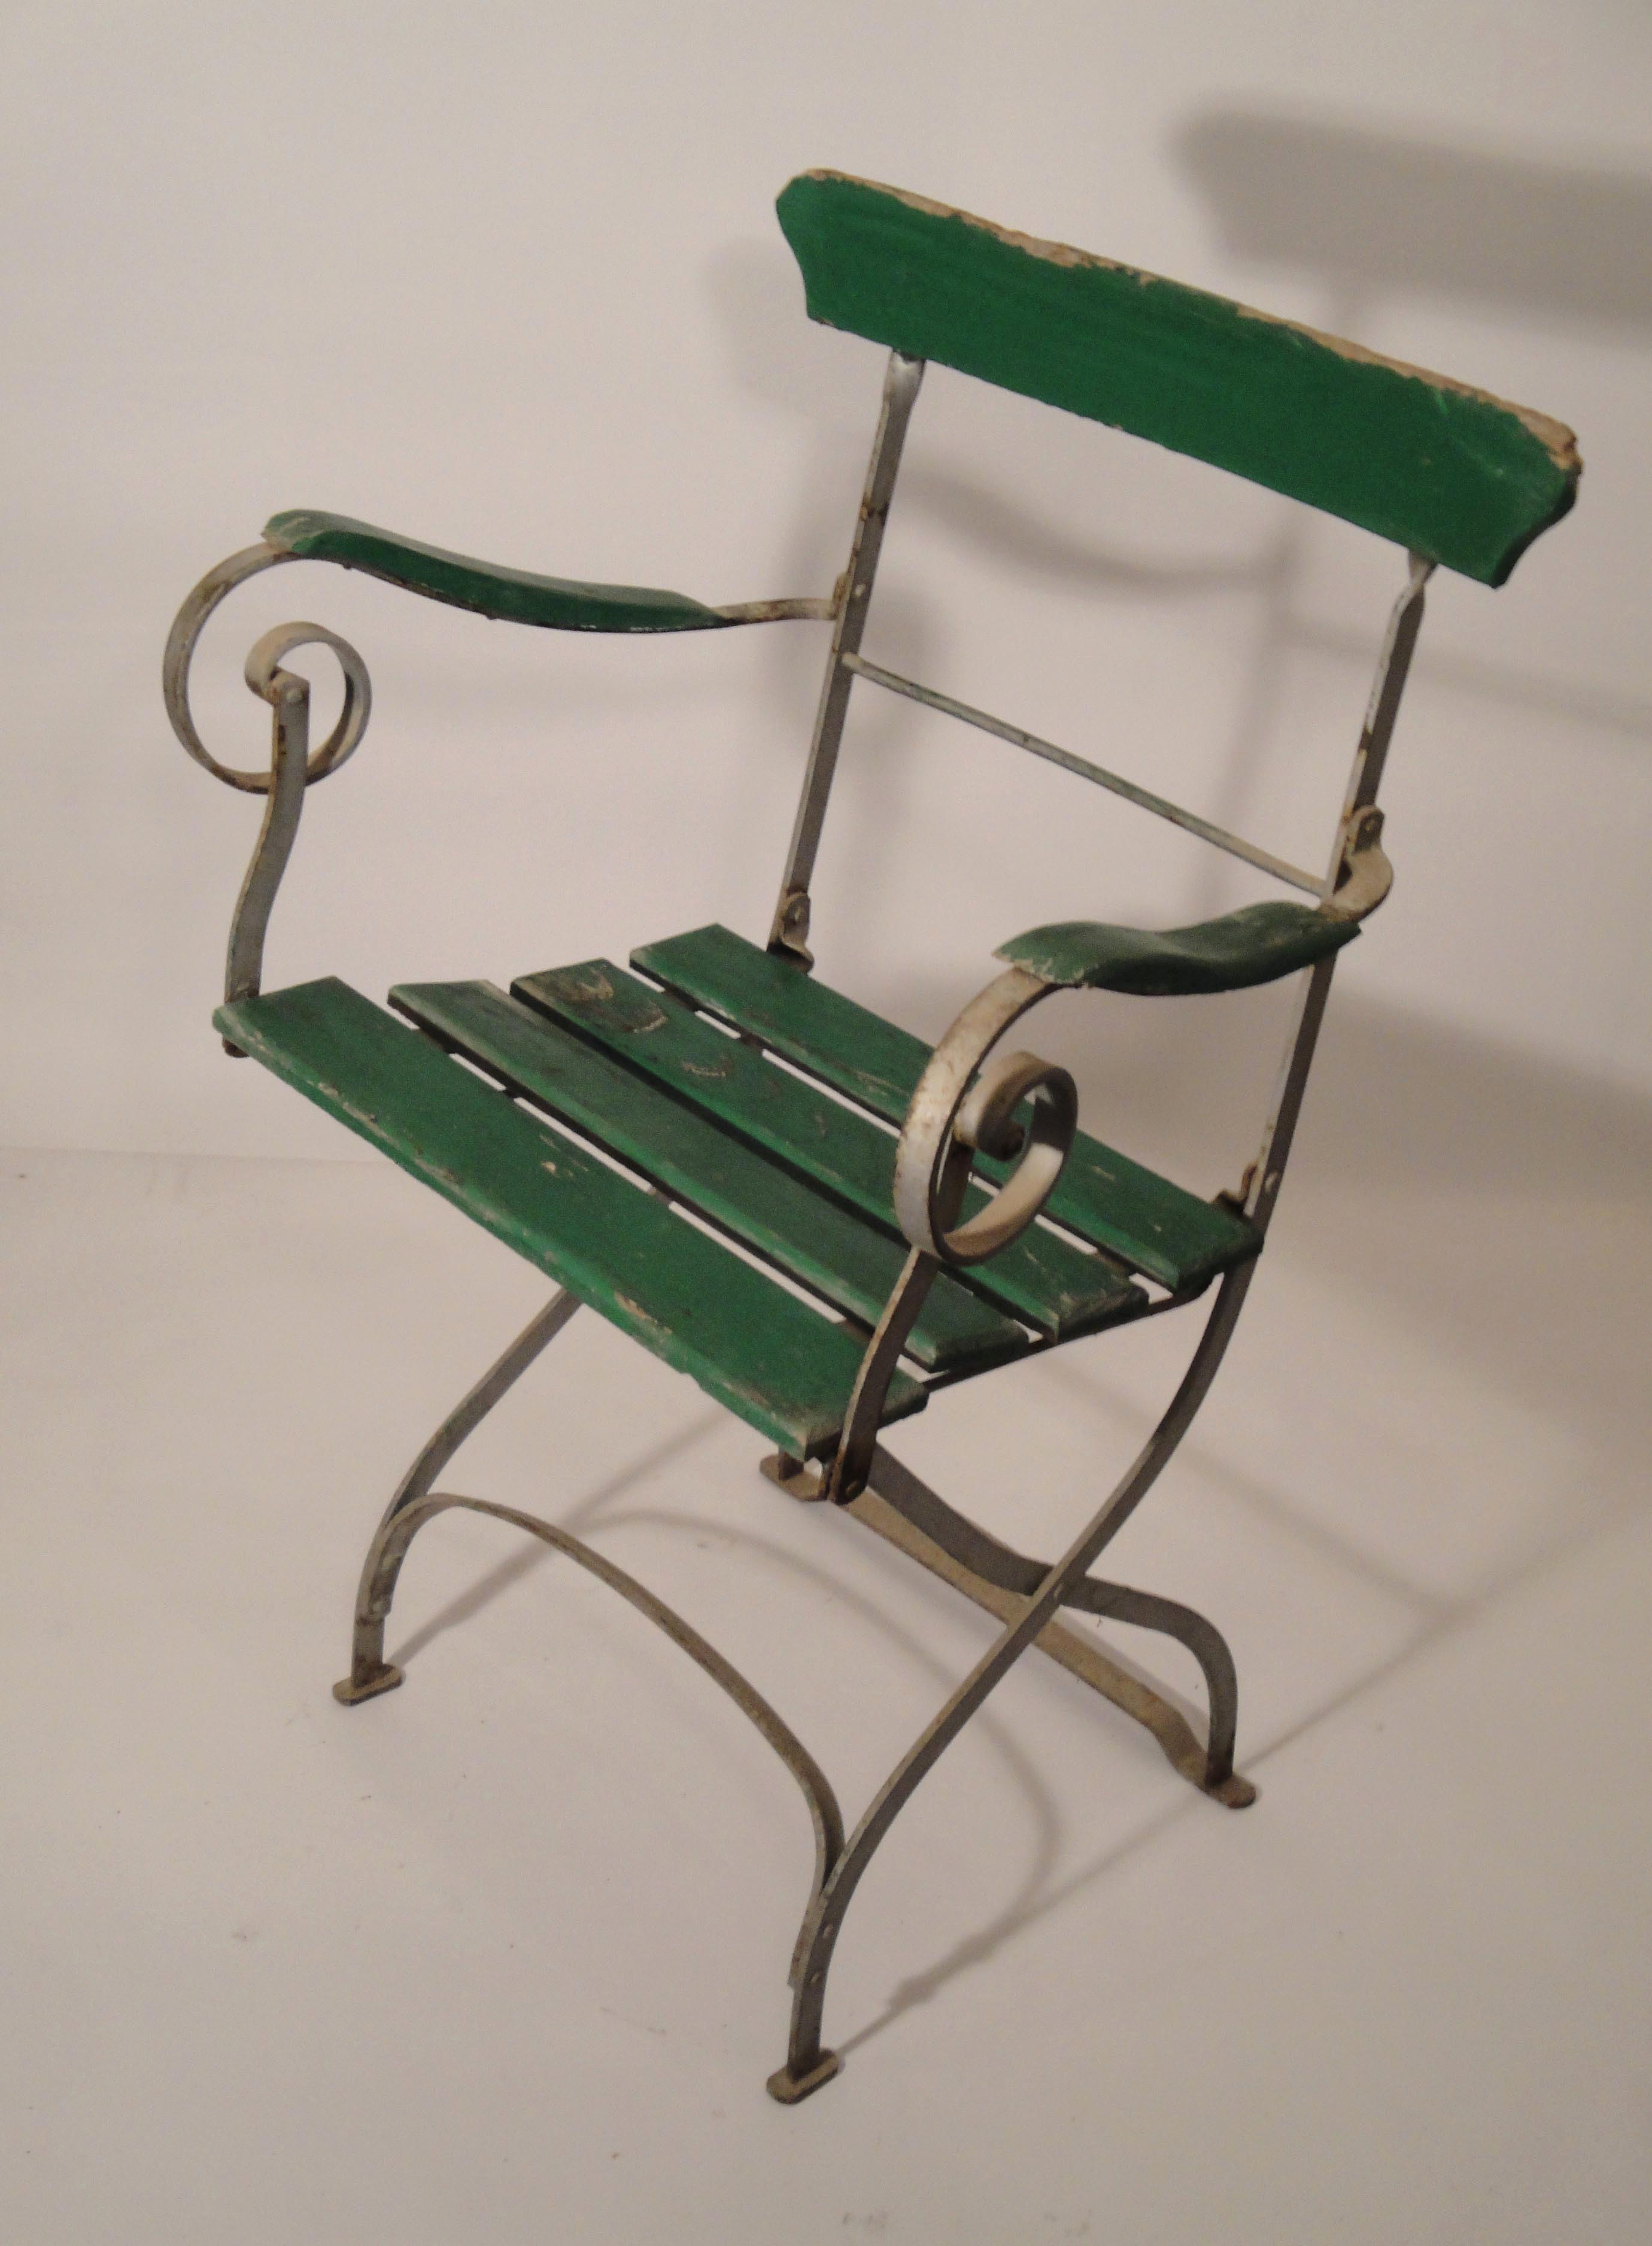 Mobilier Jardin Castorama Inspirant Stock Castorama Chaise Unique Chaise Jardin Pas Cher Meilleur De Table